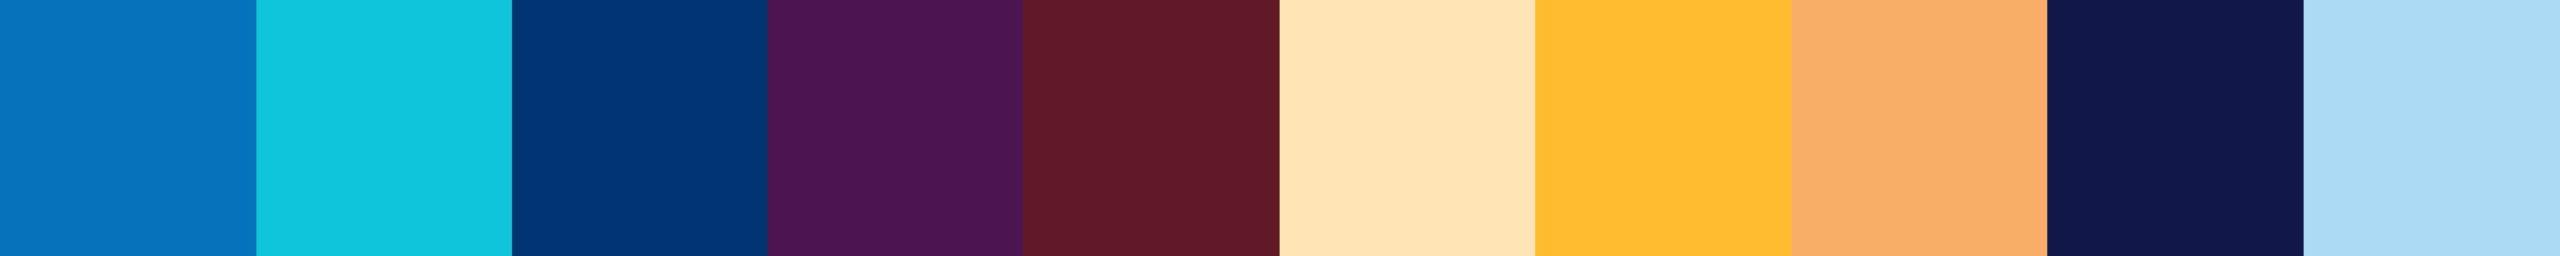 231 Umaratoo Color Palette